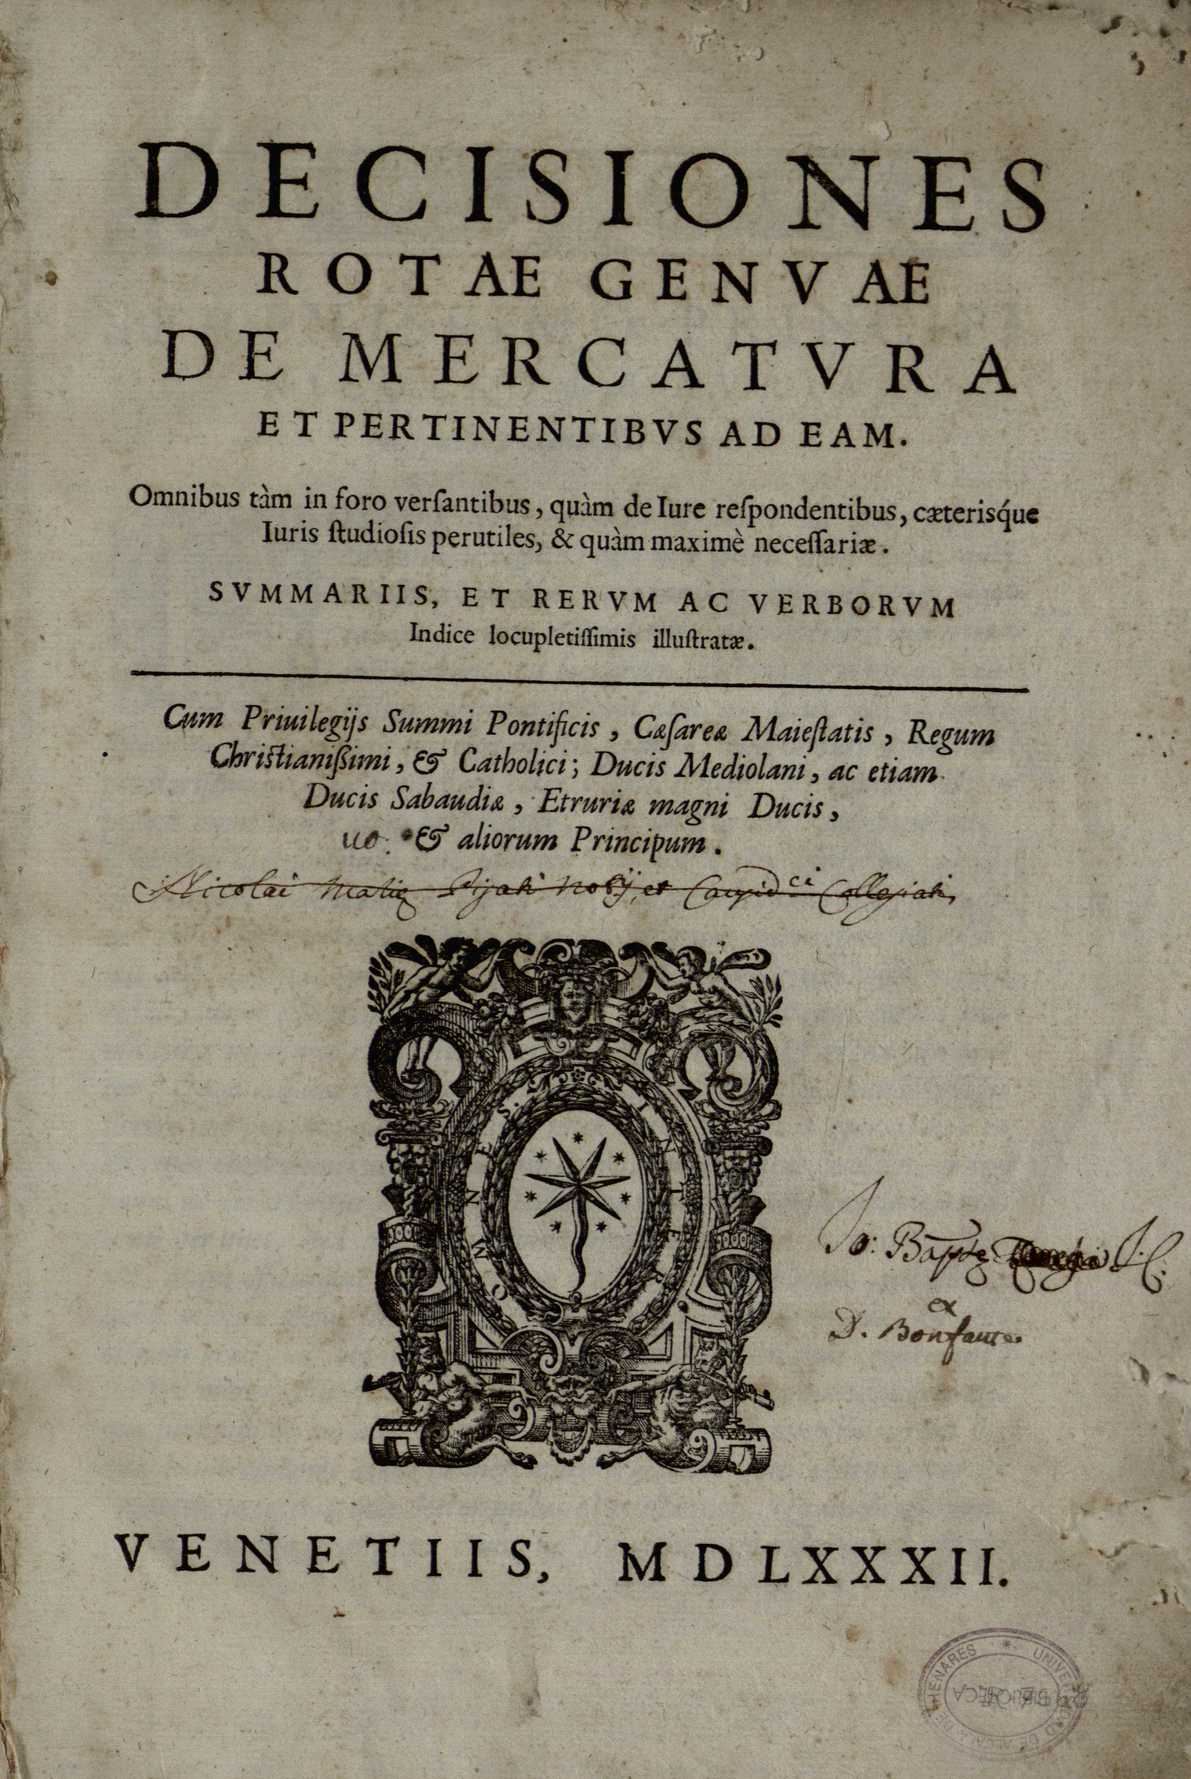 Decisiones Rotae Genuae de mercatura et pertinentibus ad eam, 1581